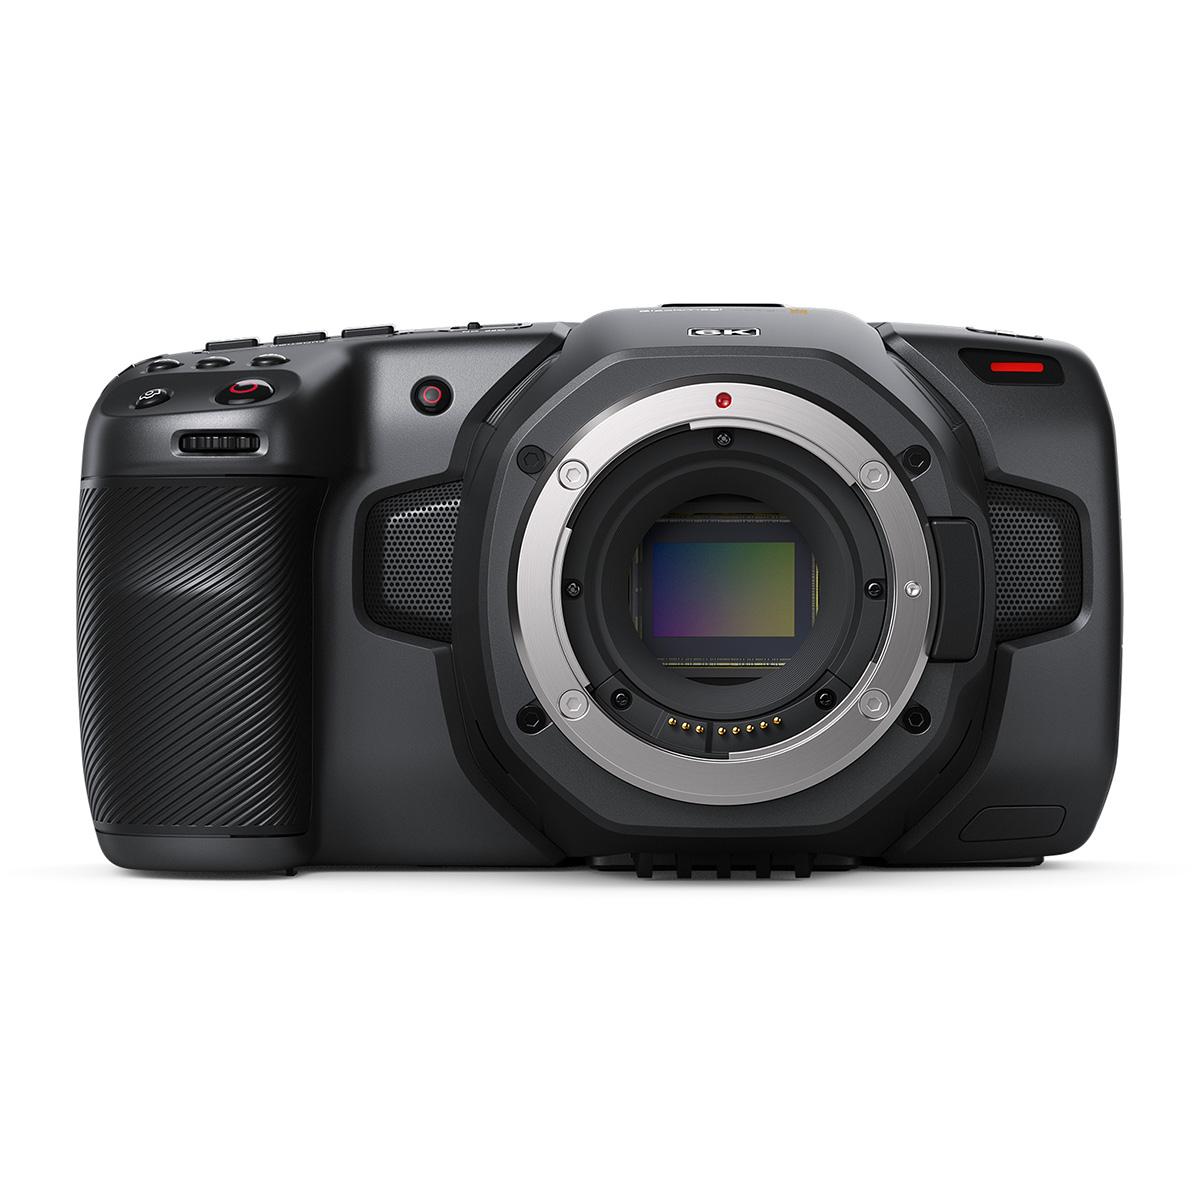 《新品》【送料無料、在庫あり!Blackmagic Design正規特約店です】Blackmagic Pocket Cinema Camera 6K 6Kデジタルフィルムカメラ(レンズ別売)